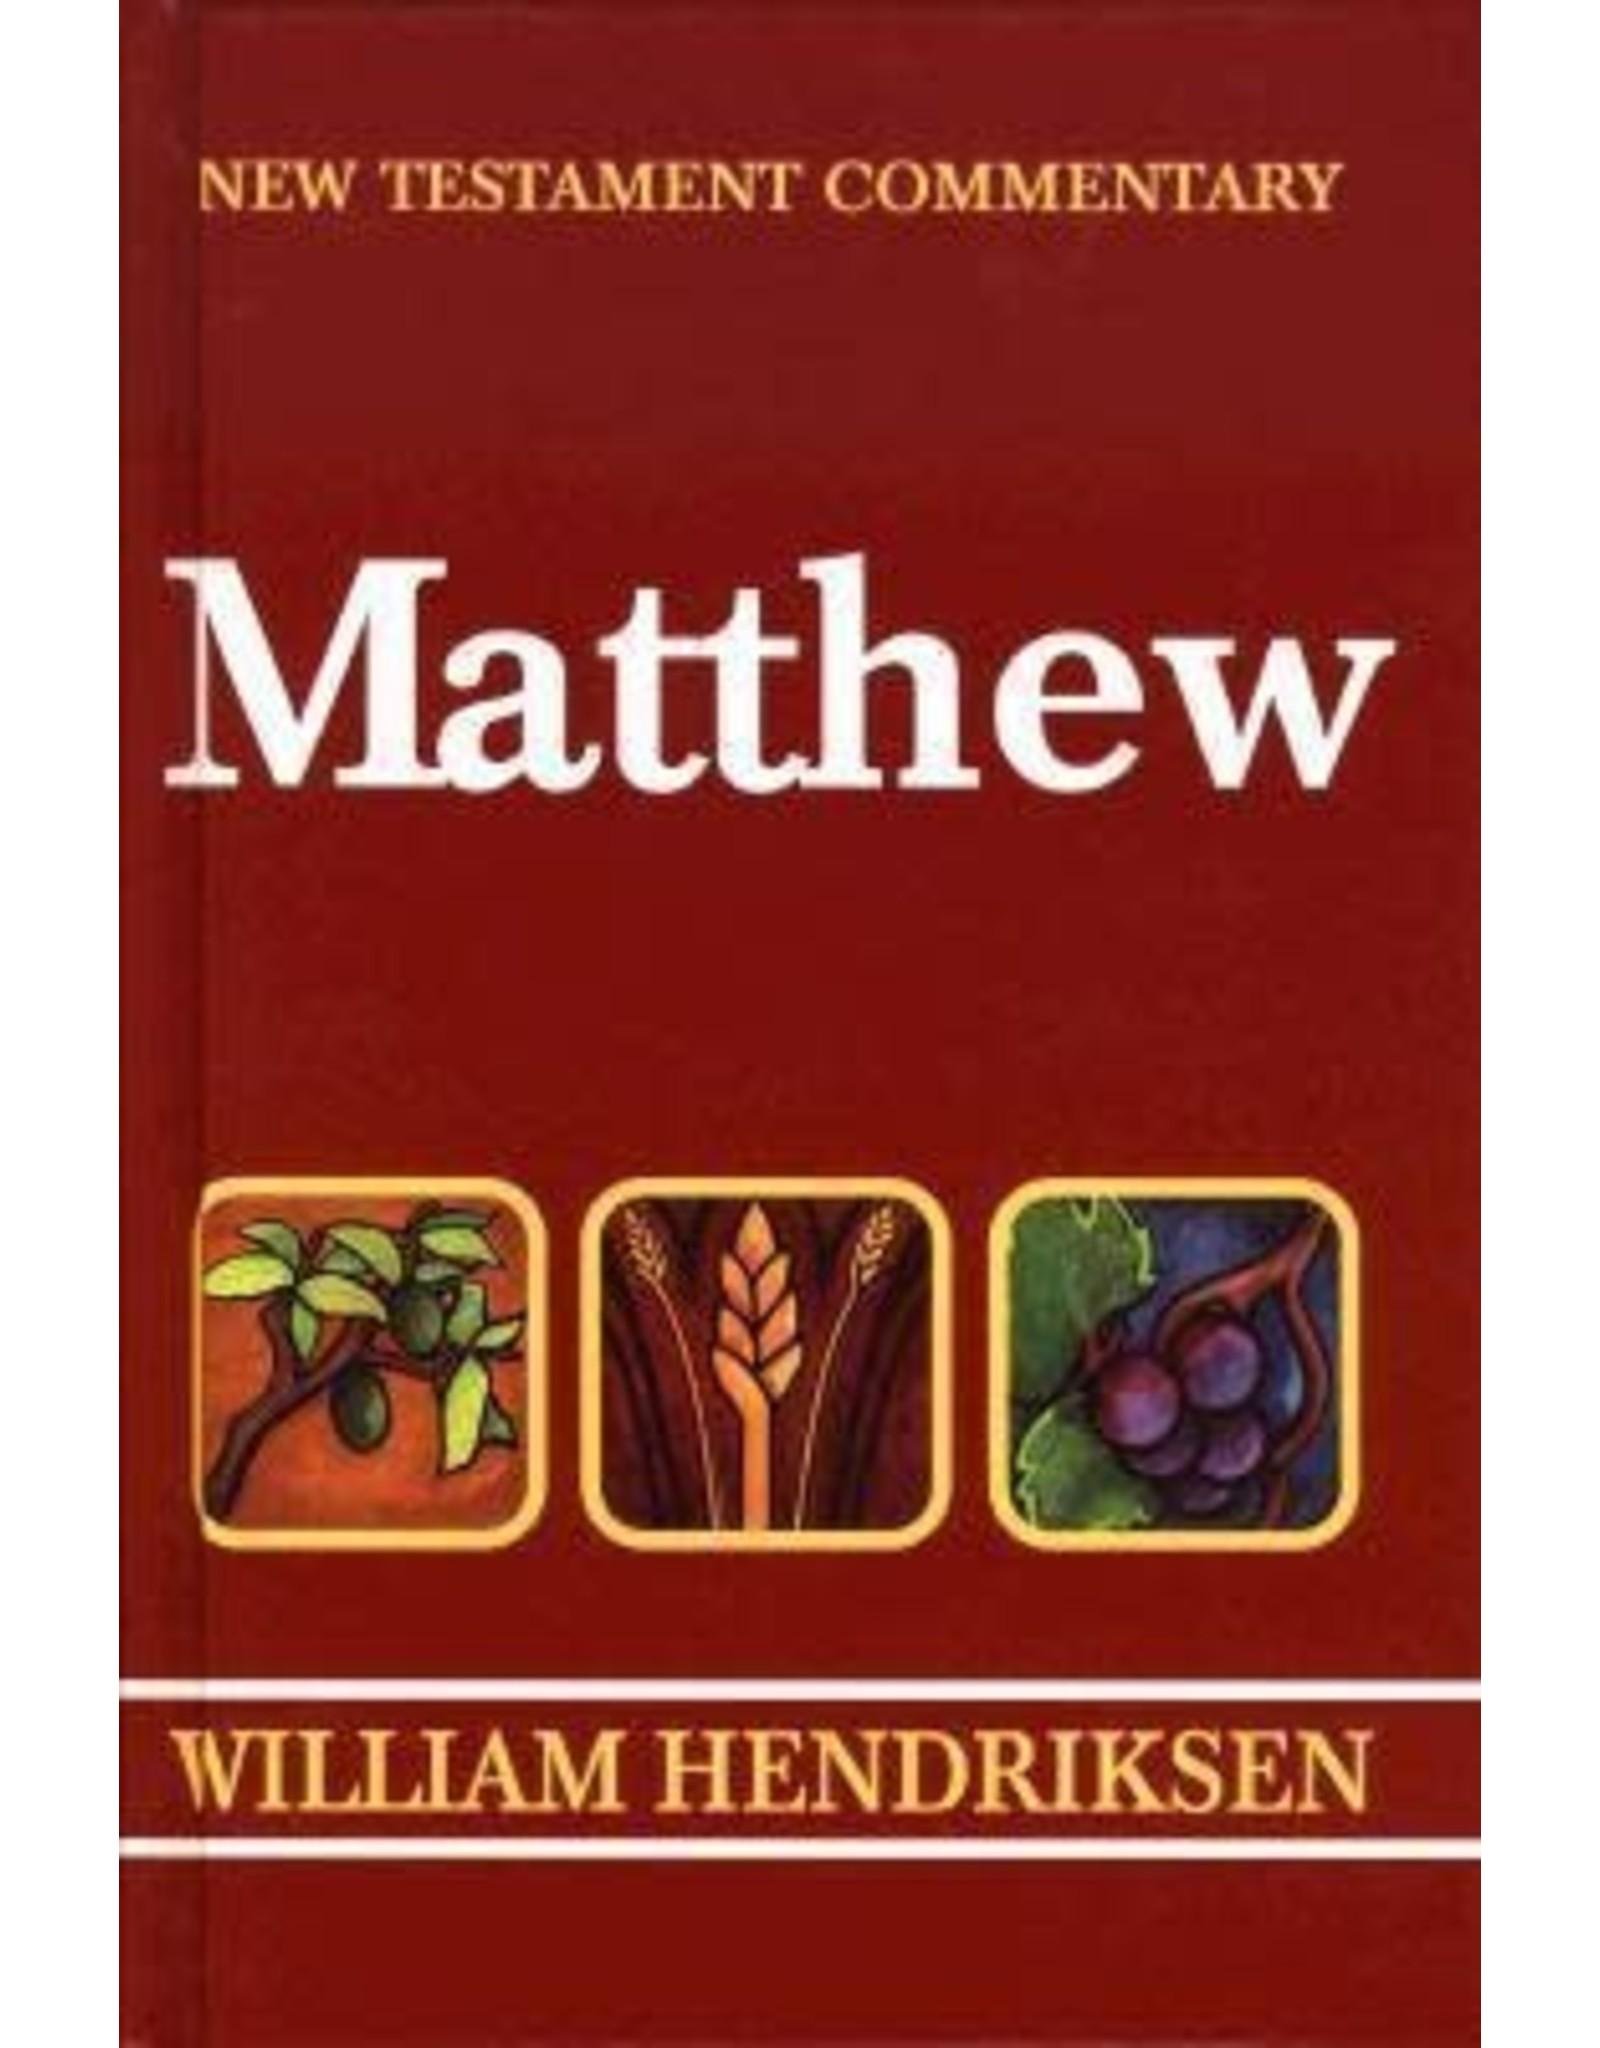 William Hendriksen New Testament Commentary Matthew